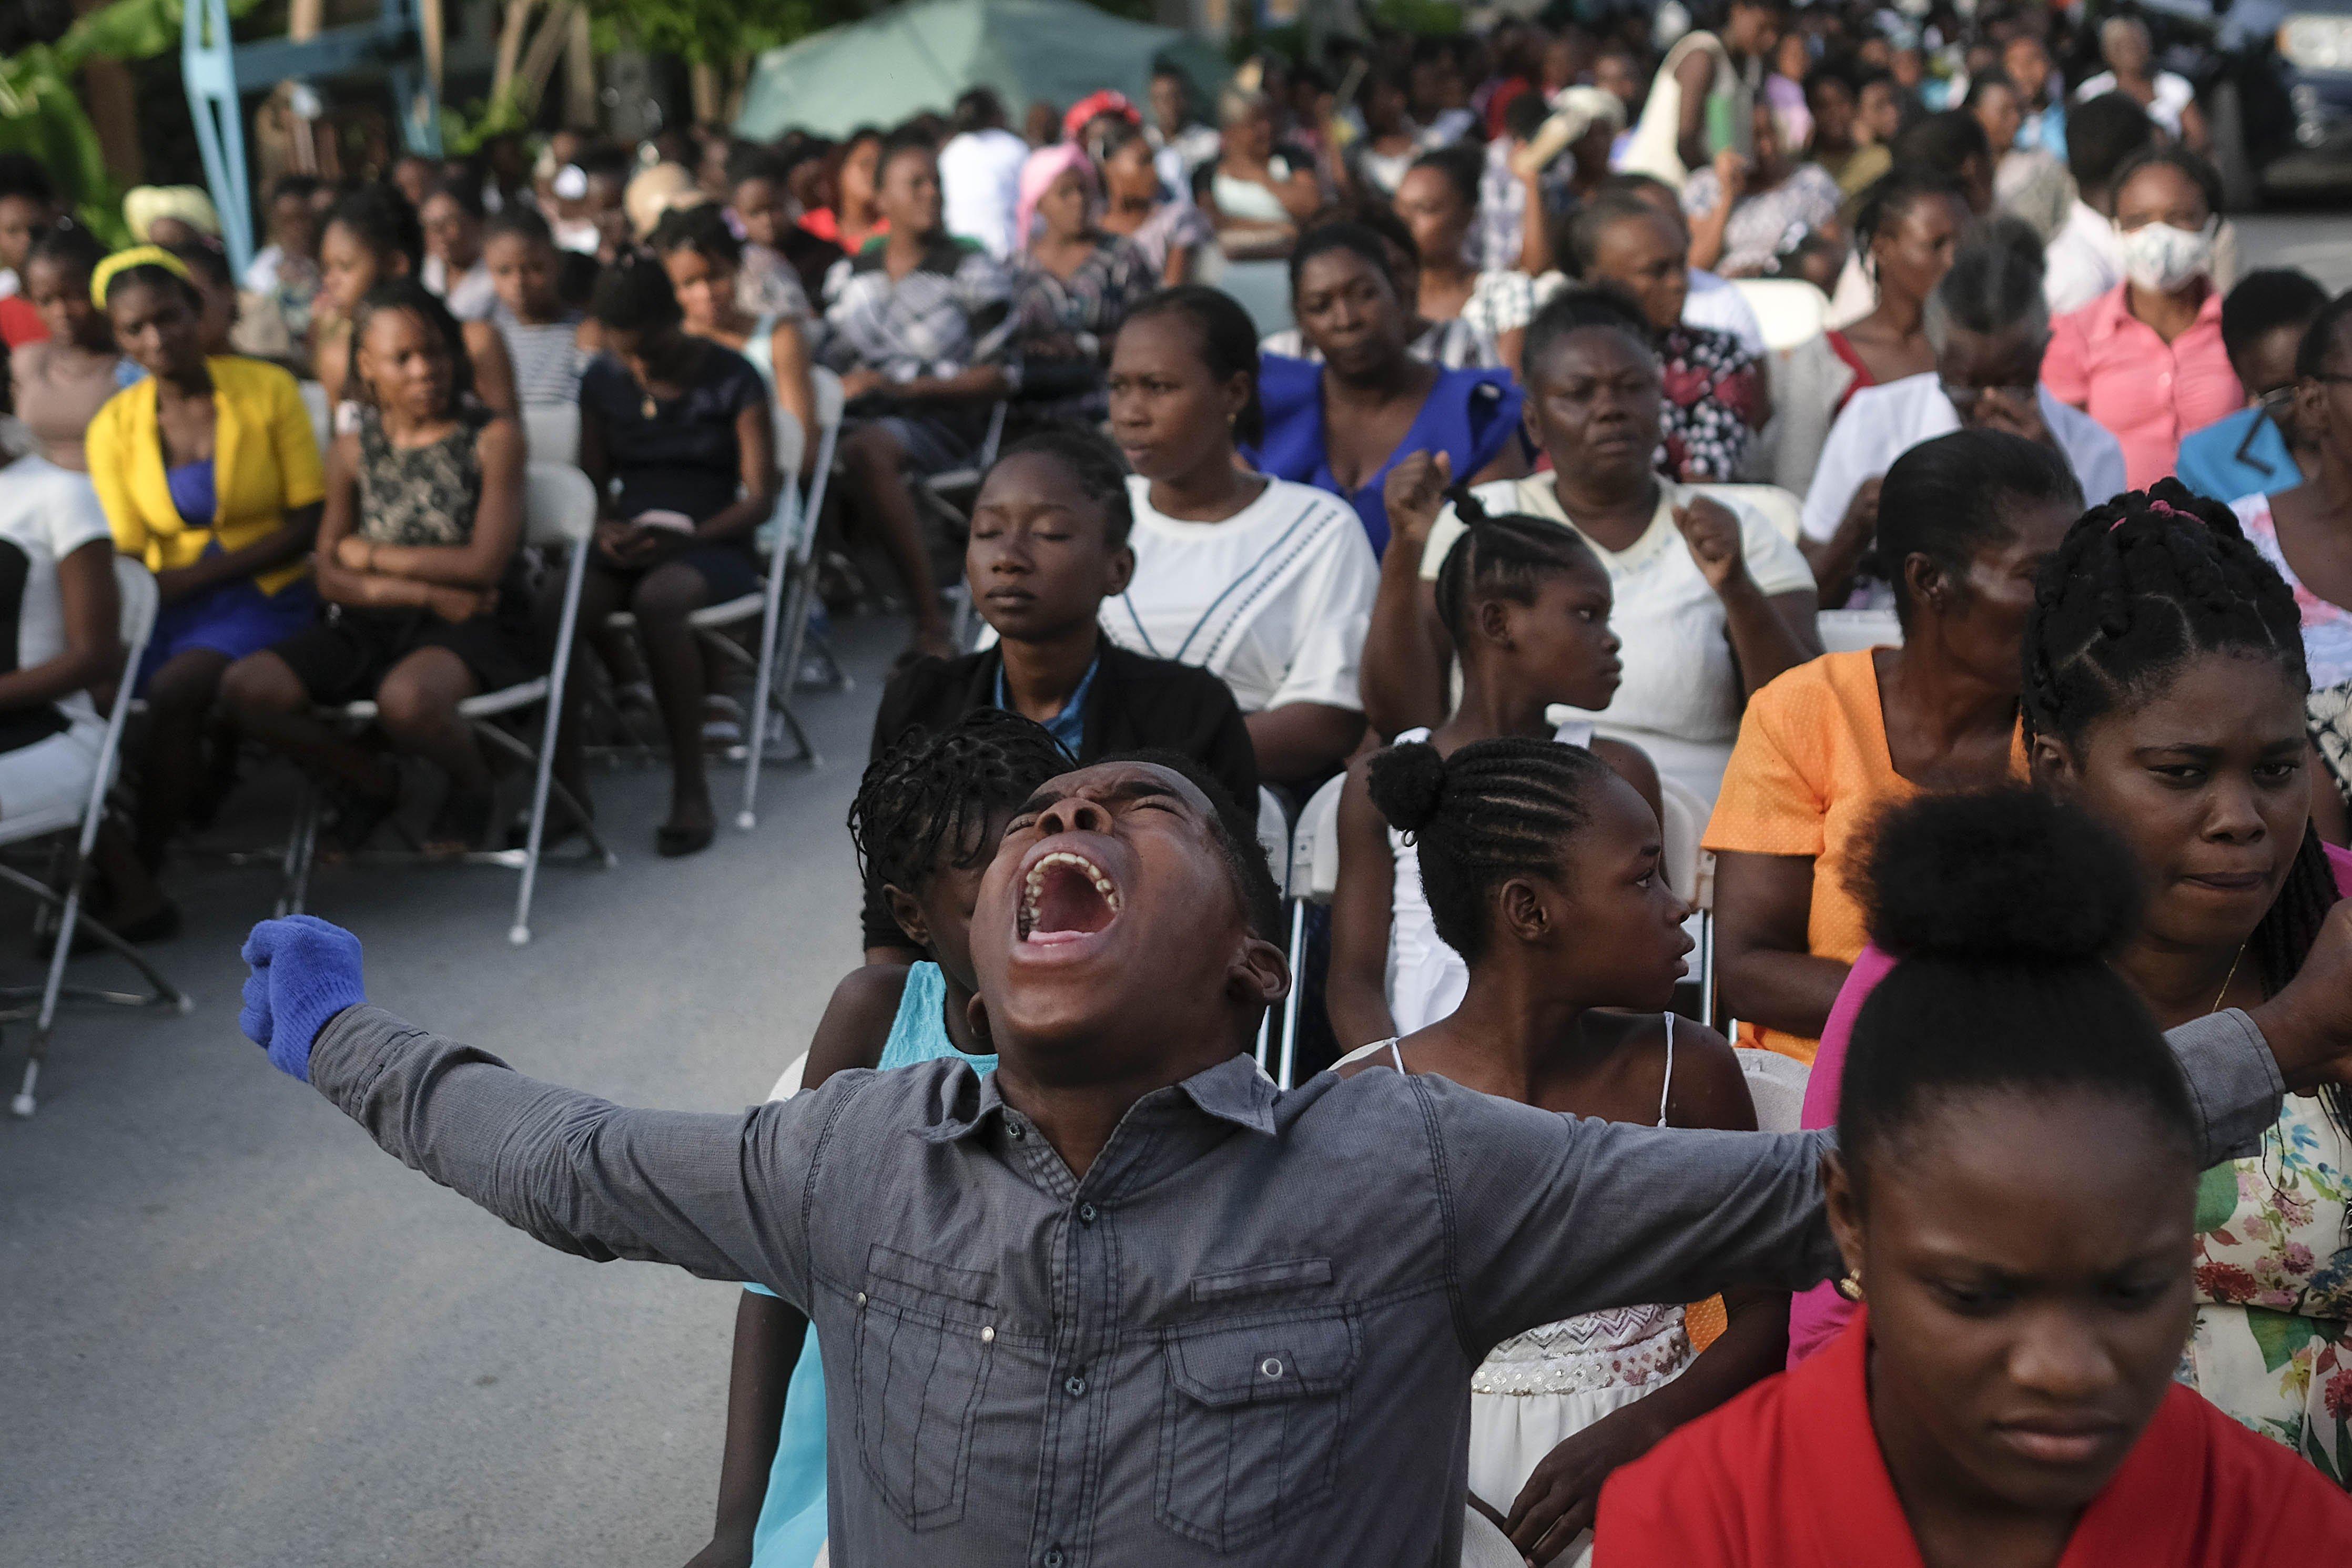 Haitians return to quake-damaged churches; gangs offer aid